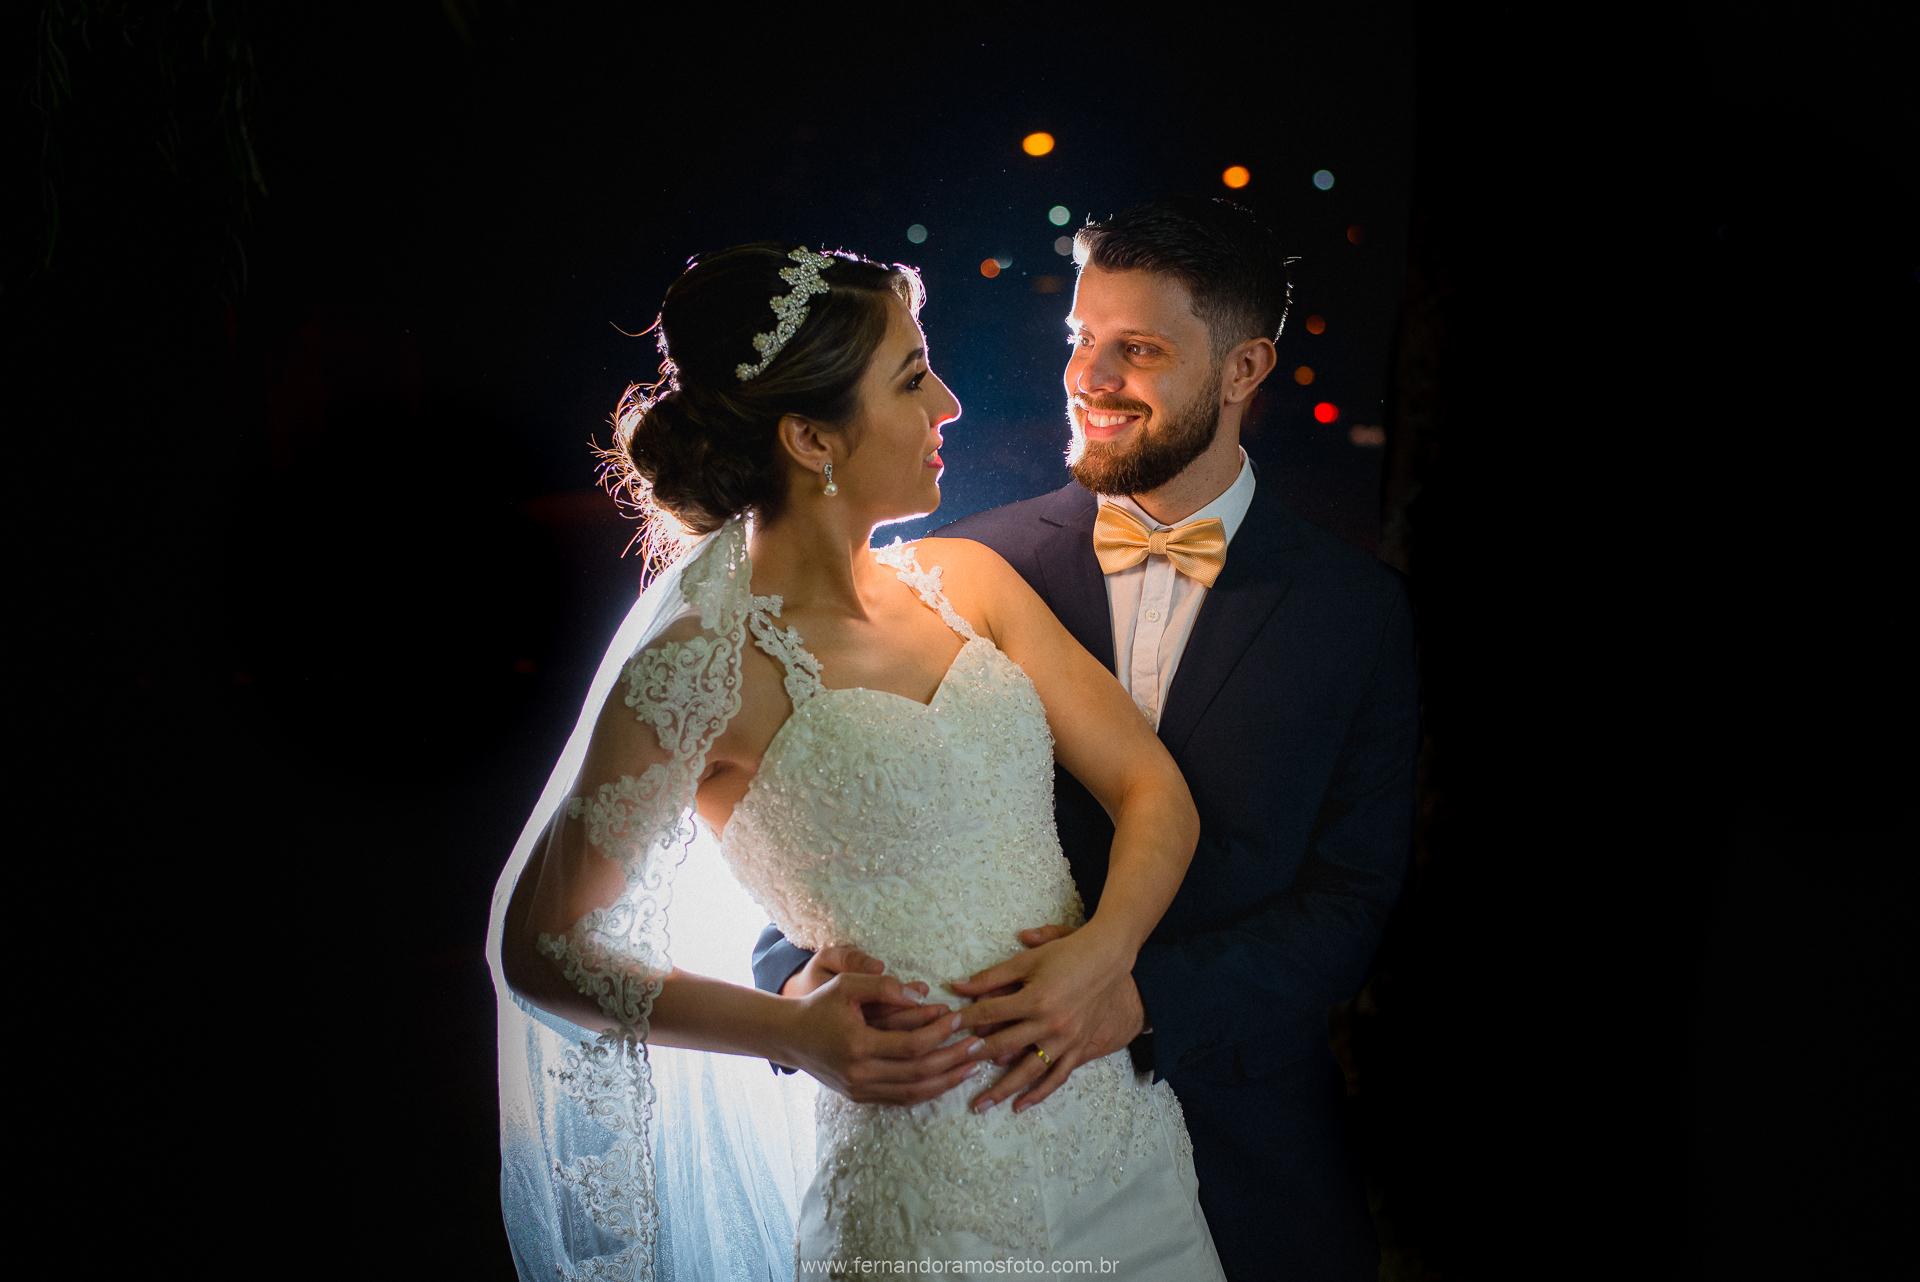 Contate Fotógrafo de Casamento em Jundiaí | Fernando Ramos - Fotografia de Casamentos em Campinas, São Paulo.